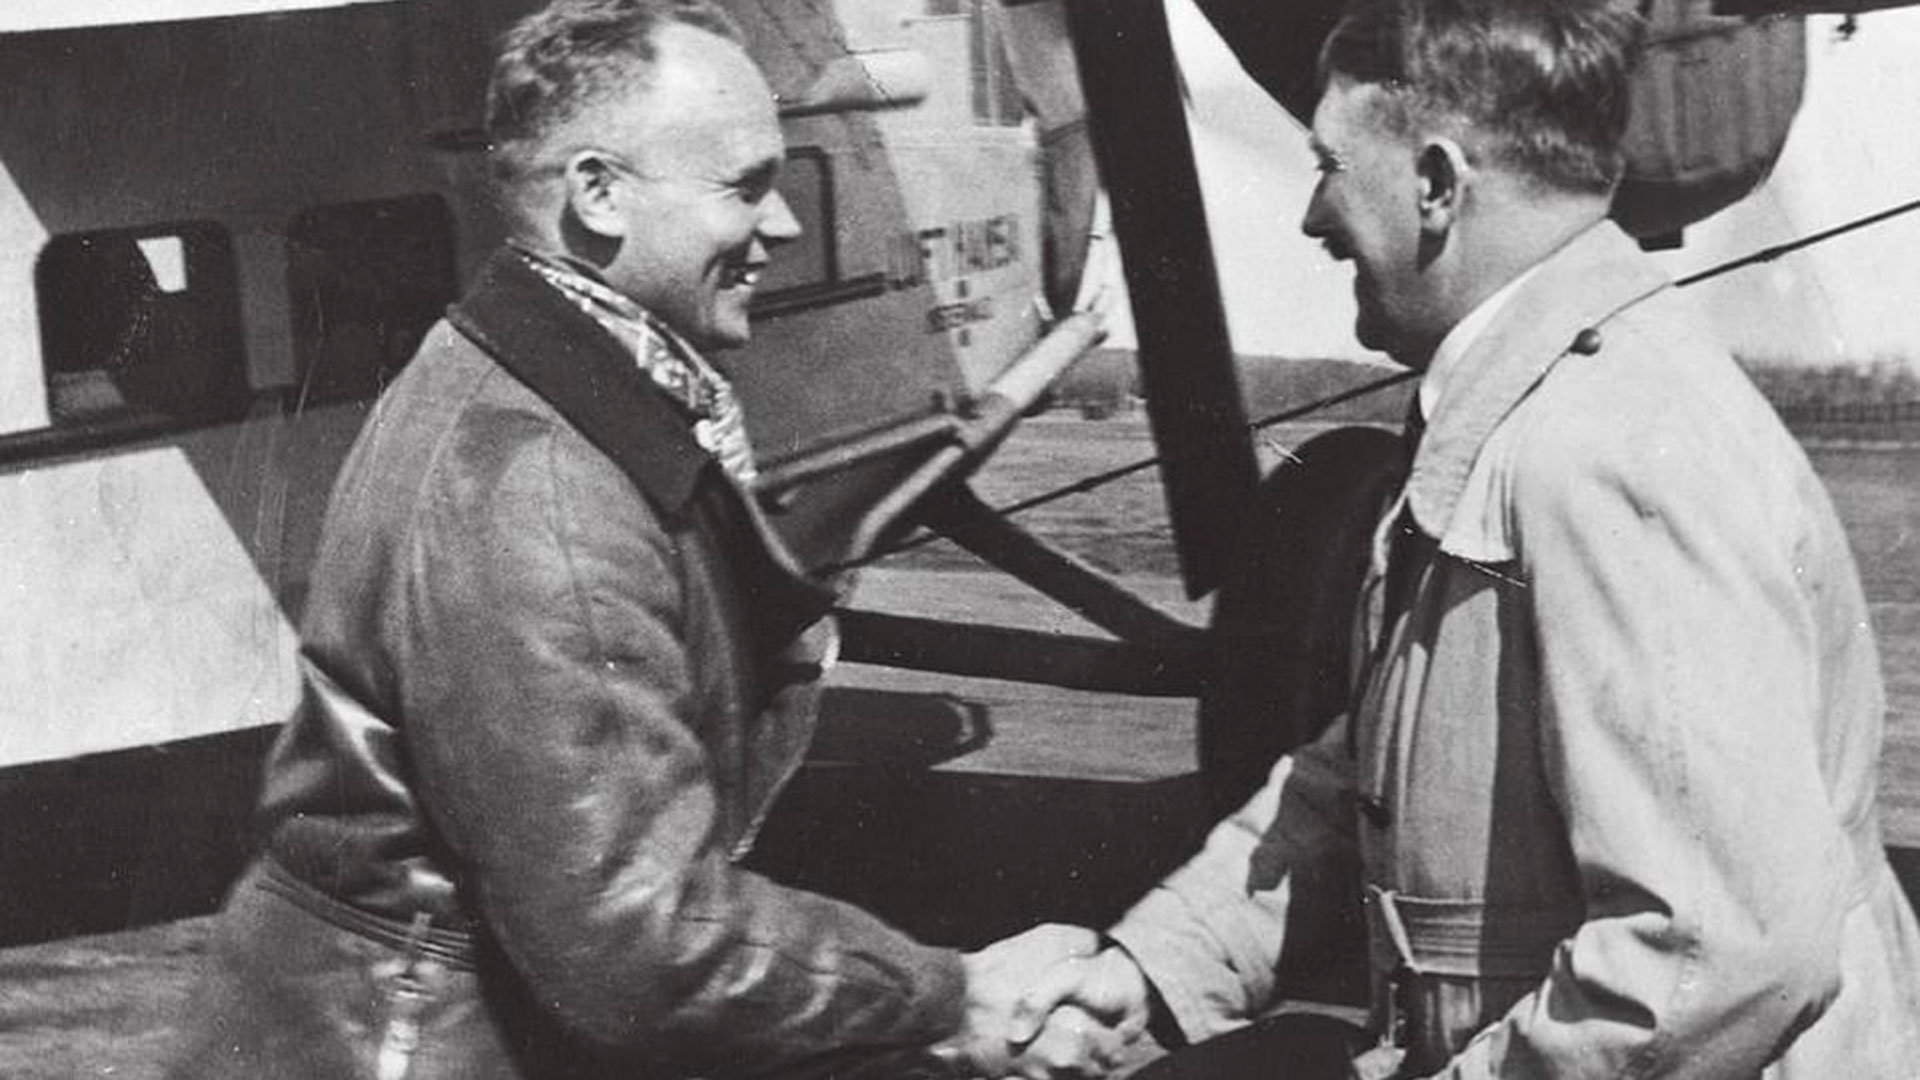 El piloto dejó escritas las últimas palabras de Hitler en un diario